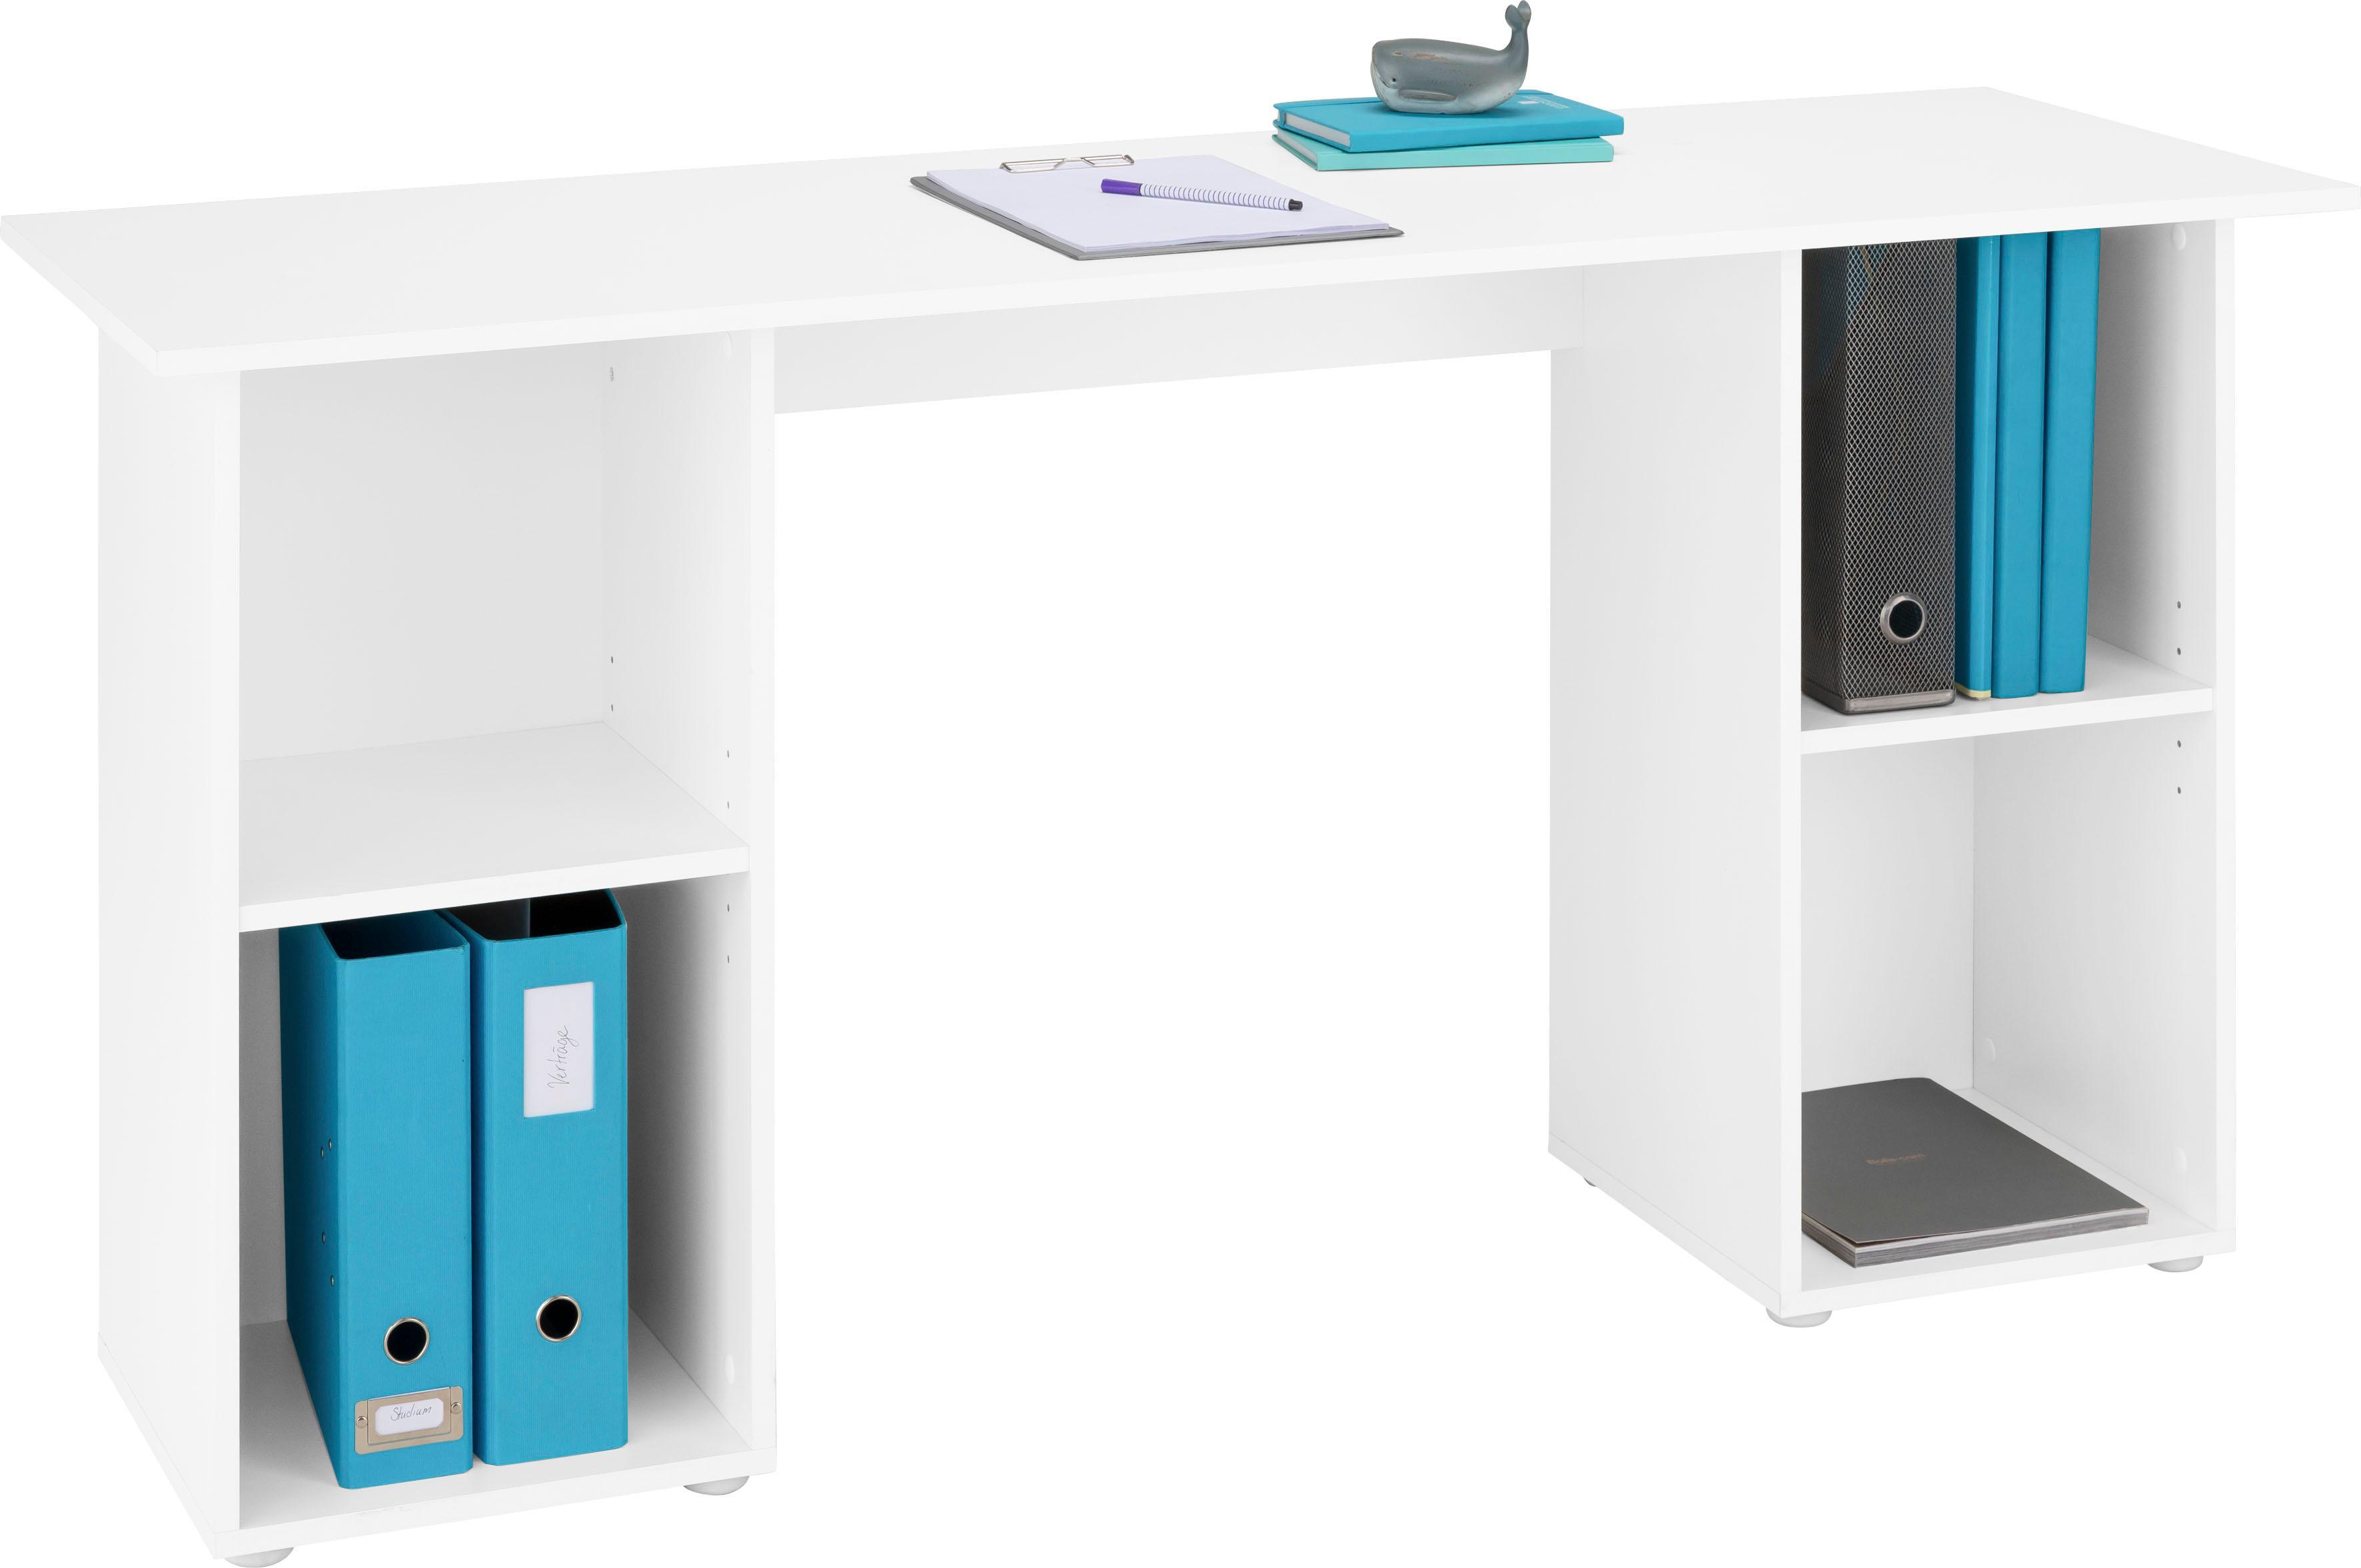 design m bel d sseldorf lukait. Black Bedroom Furniture Sets. Home Design Ideas